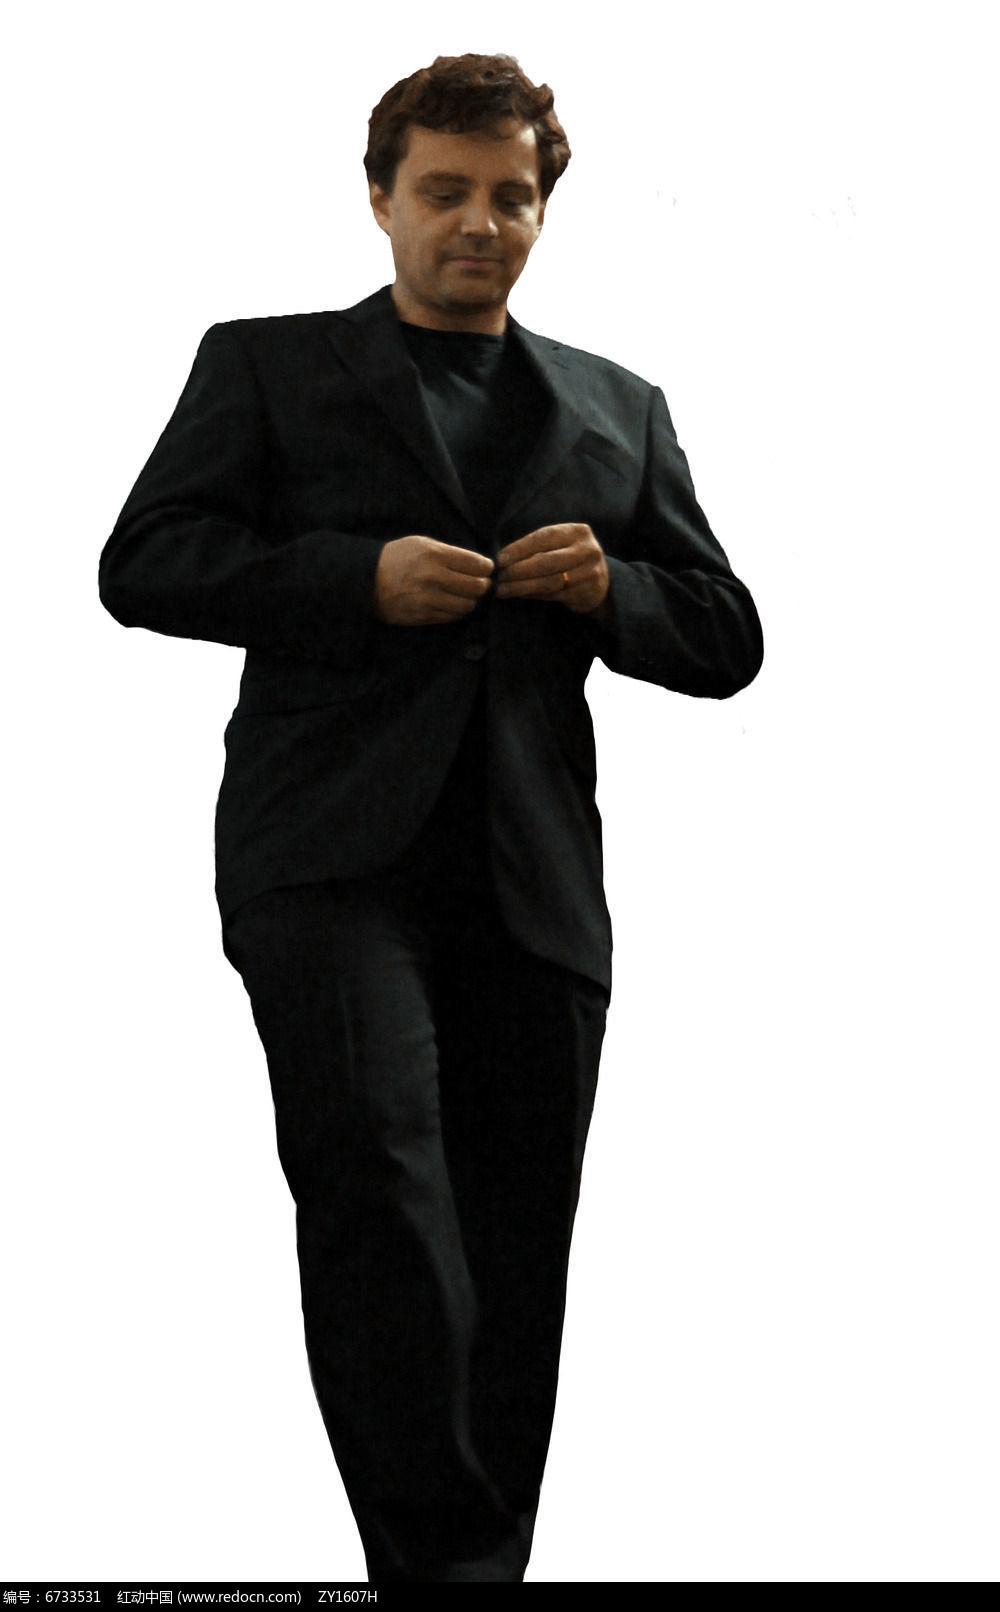 西装男背影手绘